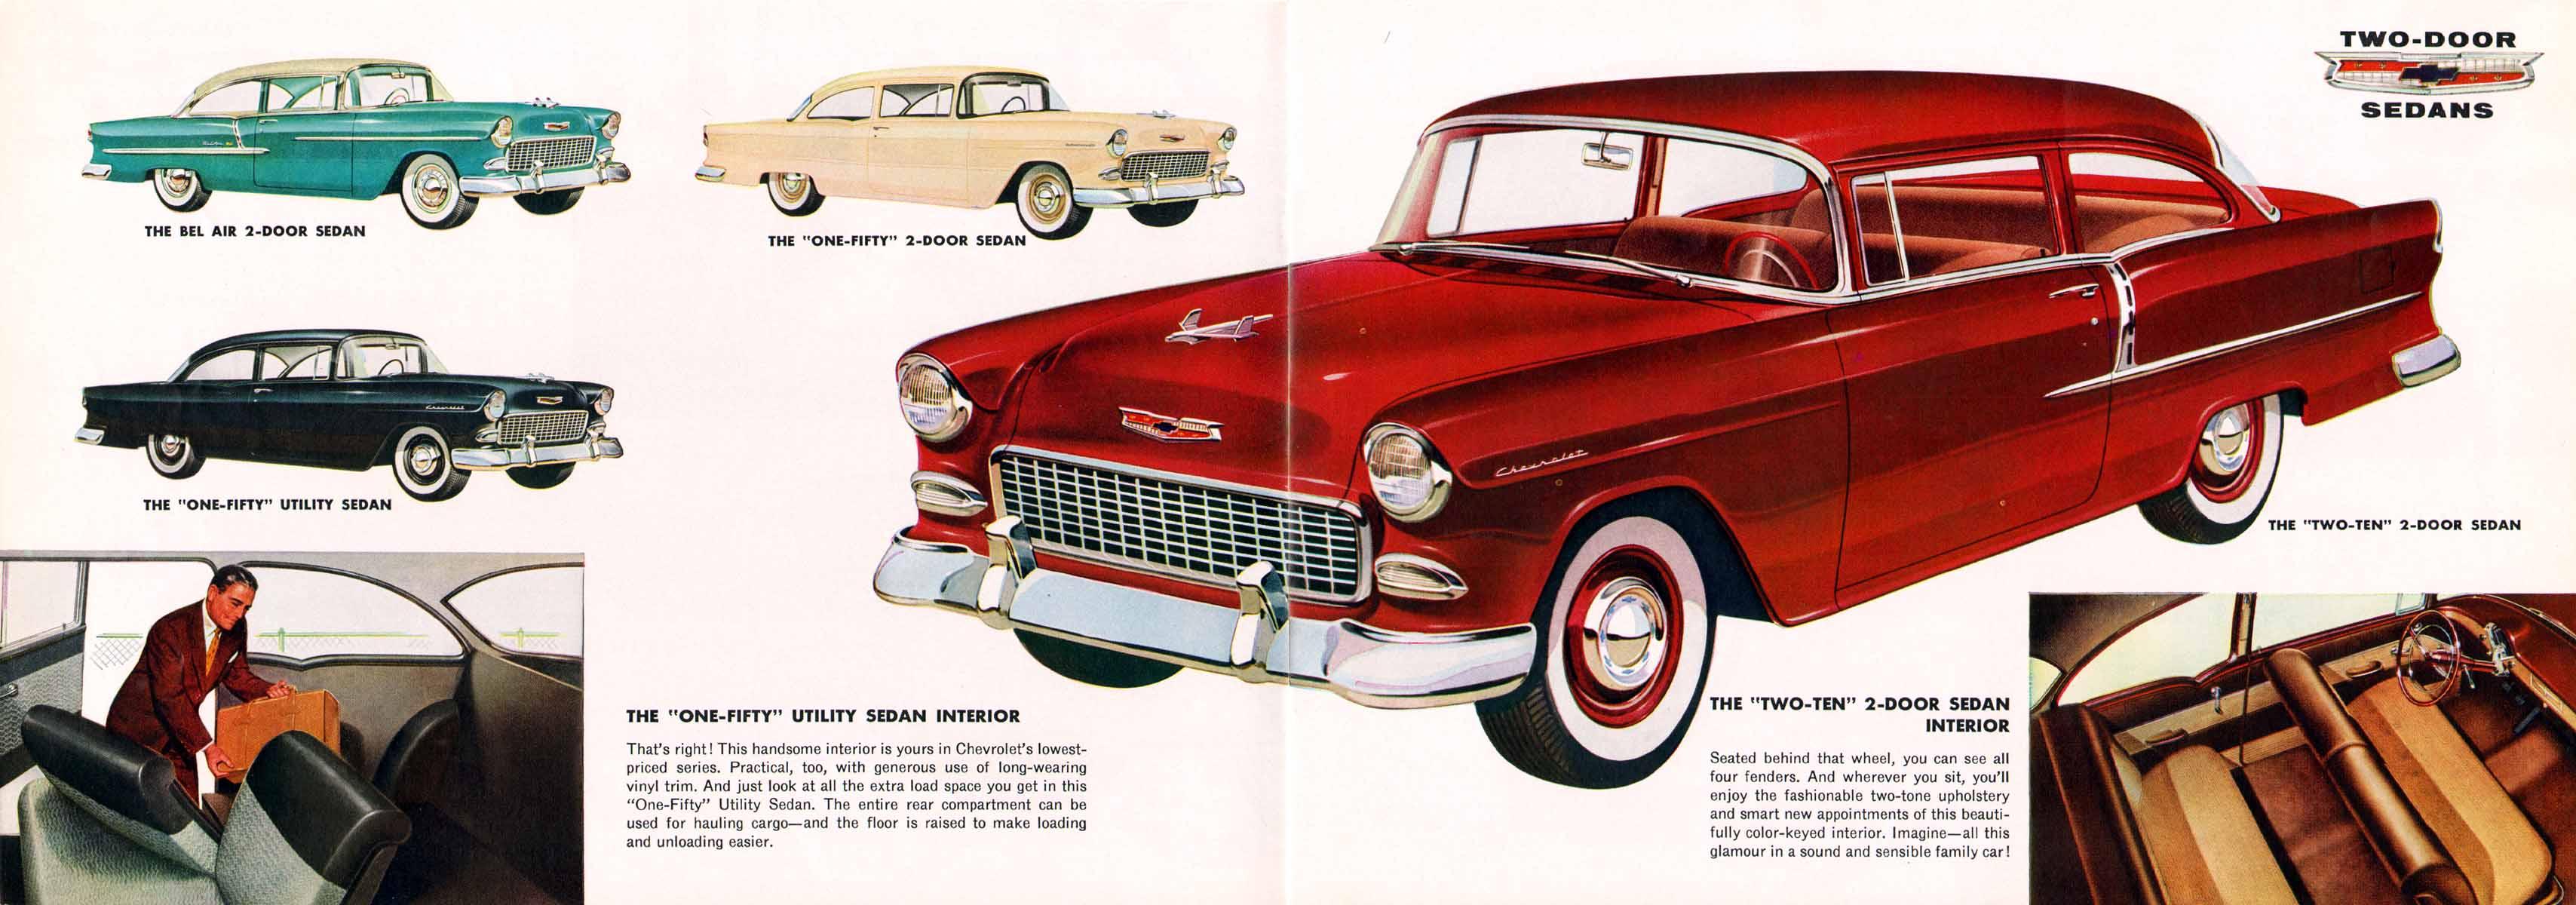 directory index chevrolet 1955 chevrolet 1955 chevrolet prestige brochure. Black Bedroom Furniture Sets. Home Design Ideas